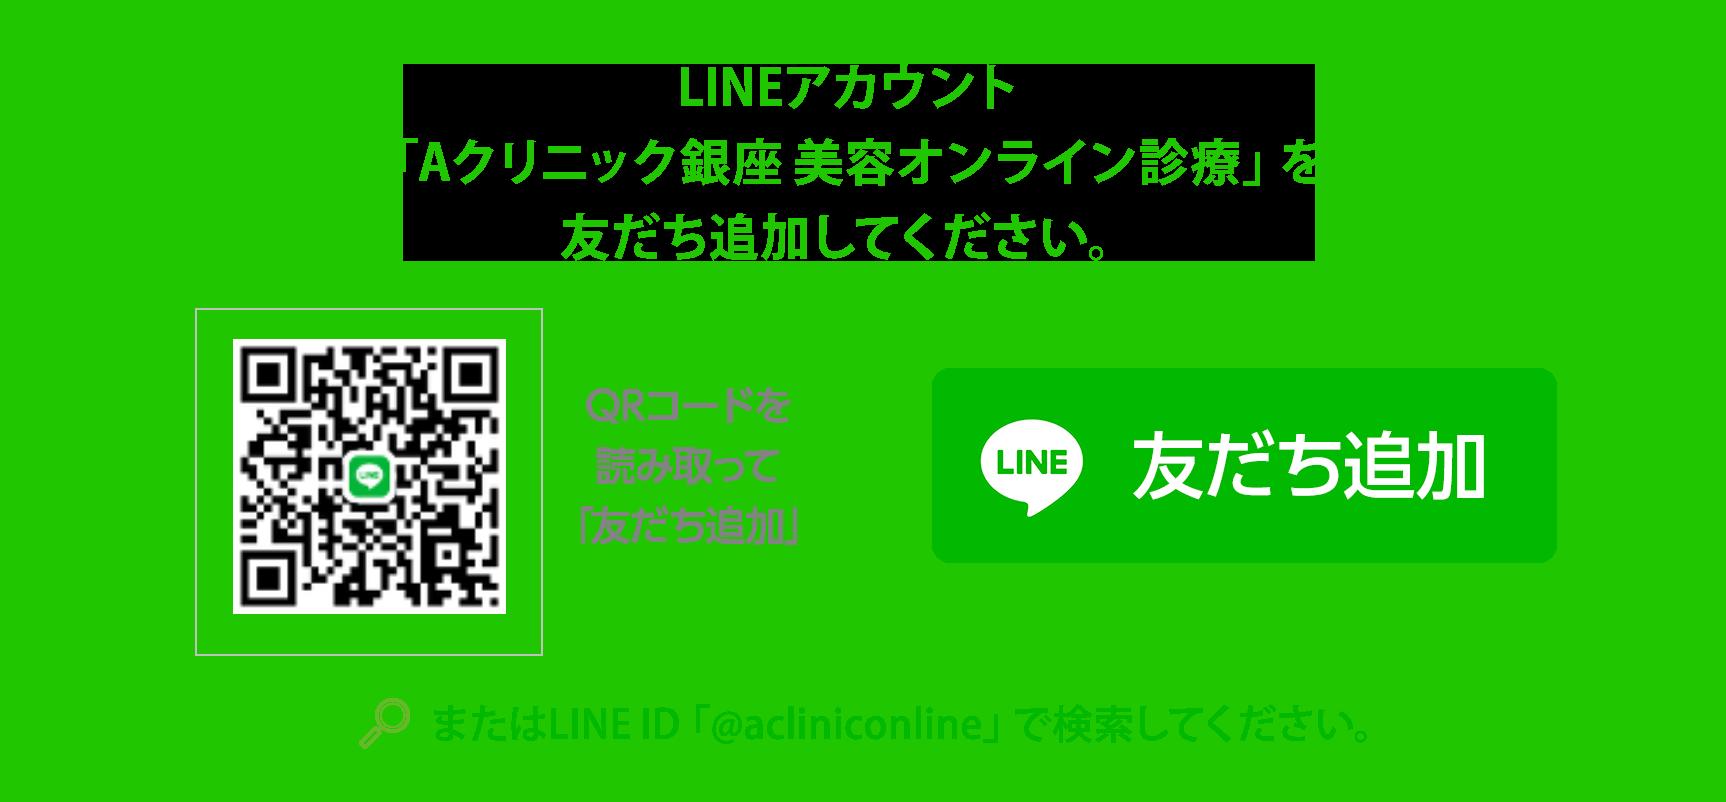 LINEアカウント「Aクリニック銀座 美容オンライン診療」を友だち追加してください。